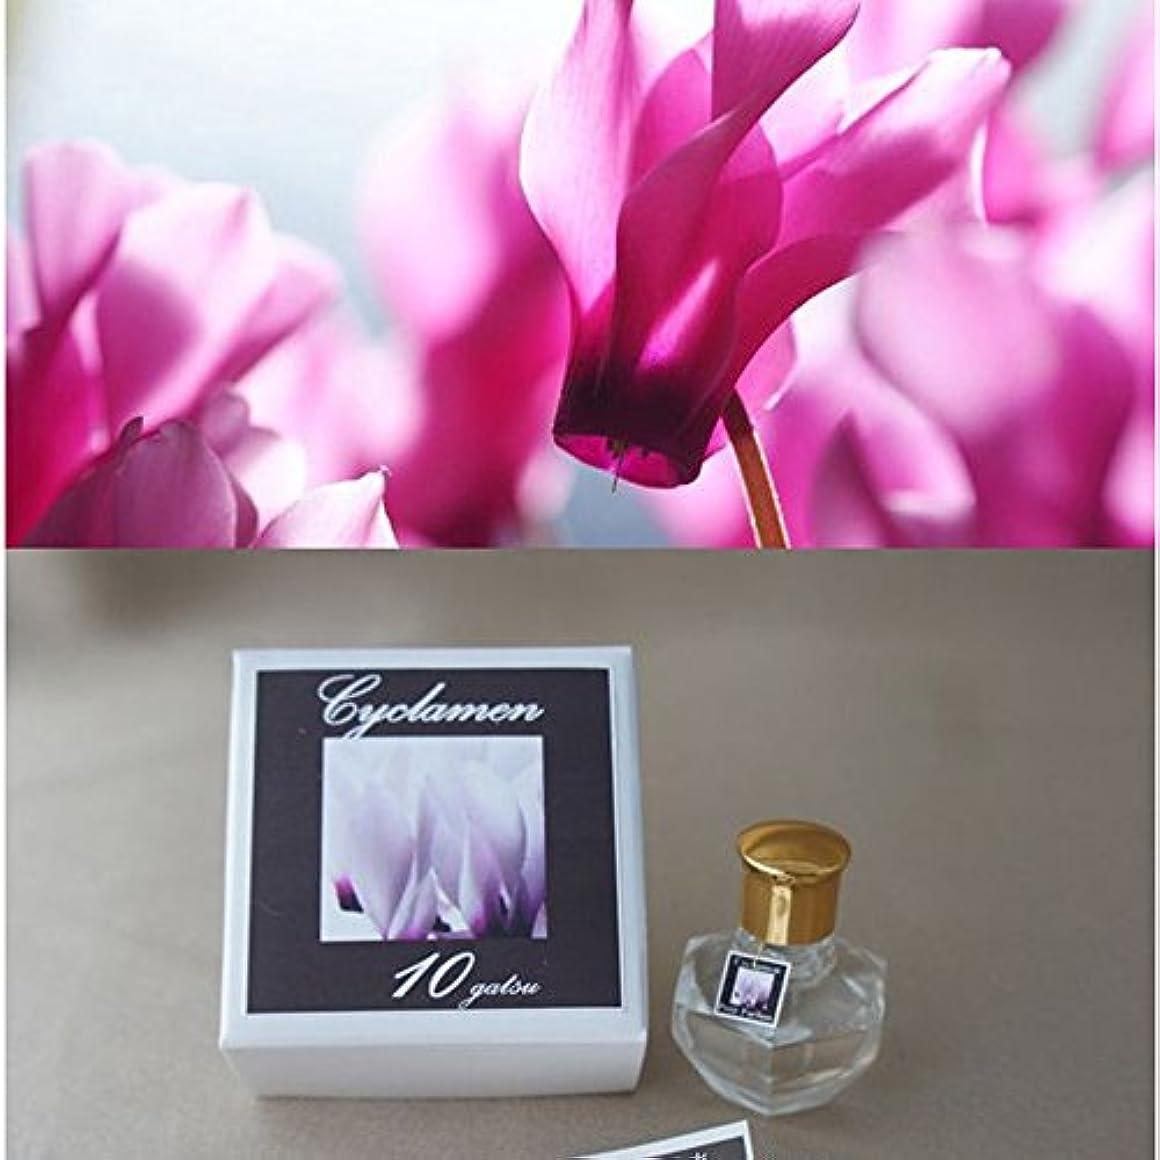 ミニチュア排泄する若さ香運おみくじ&相性図鑑付き「12か月の花香水」 東山植物園の自然の花の香りから生まれた香水です。 (10月 シクラメン)